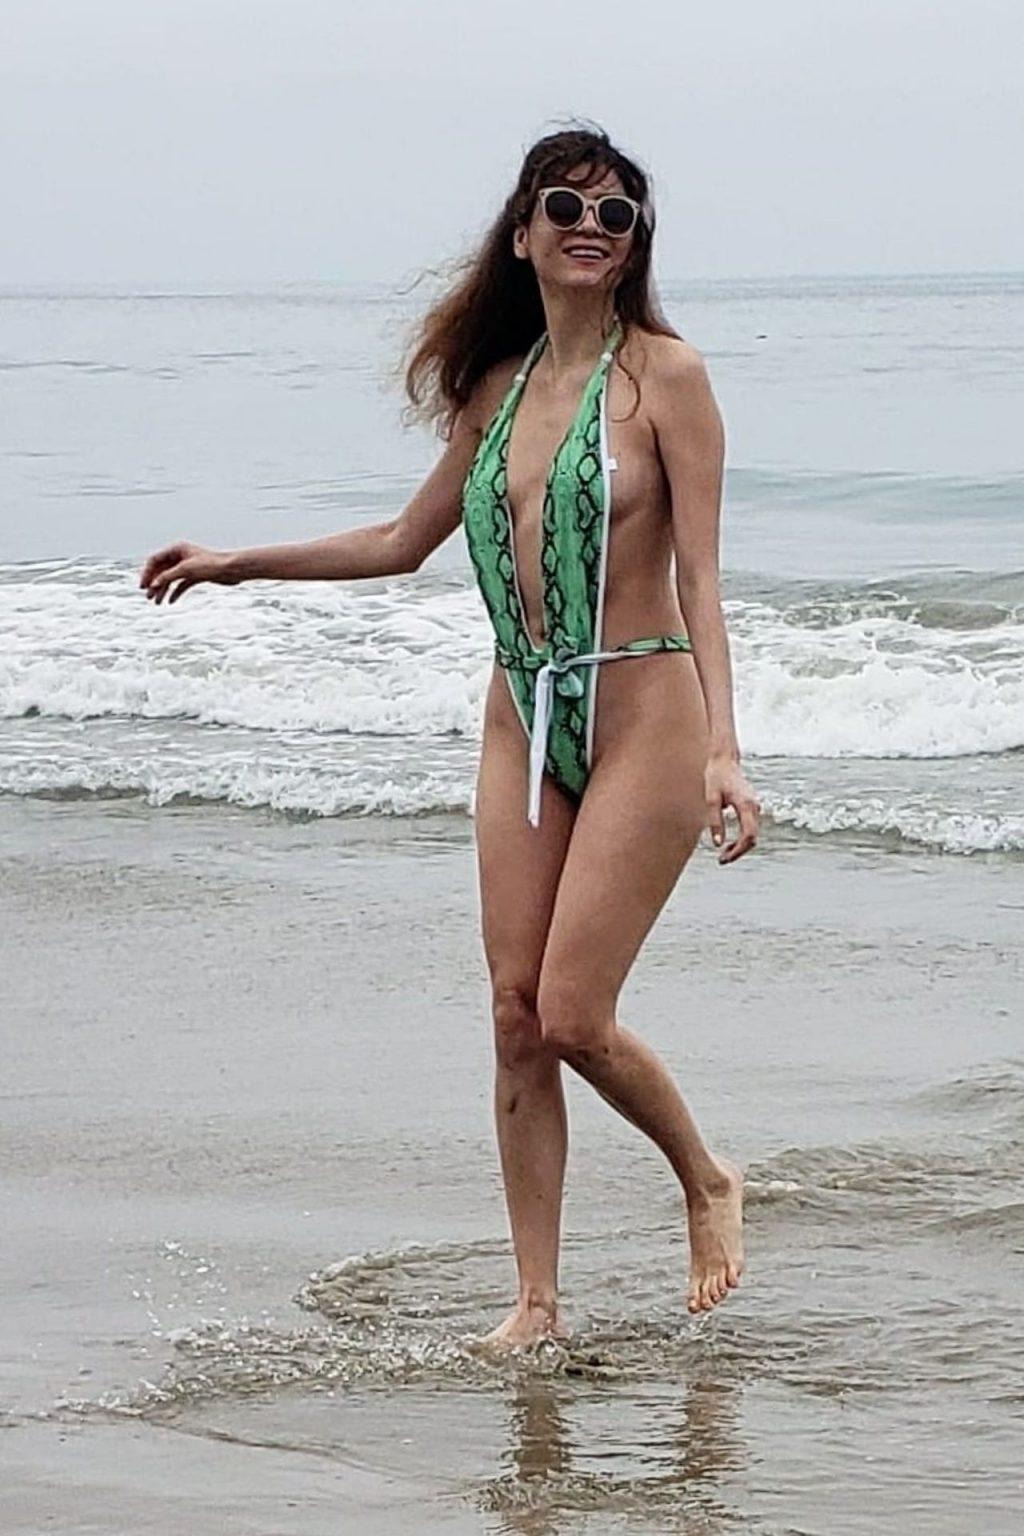 Blanca Blanco Flaunts Her MILF Body on the Beach (31 Photos)